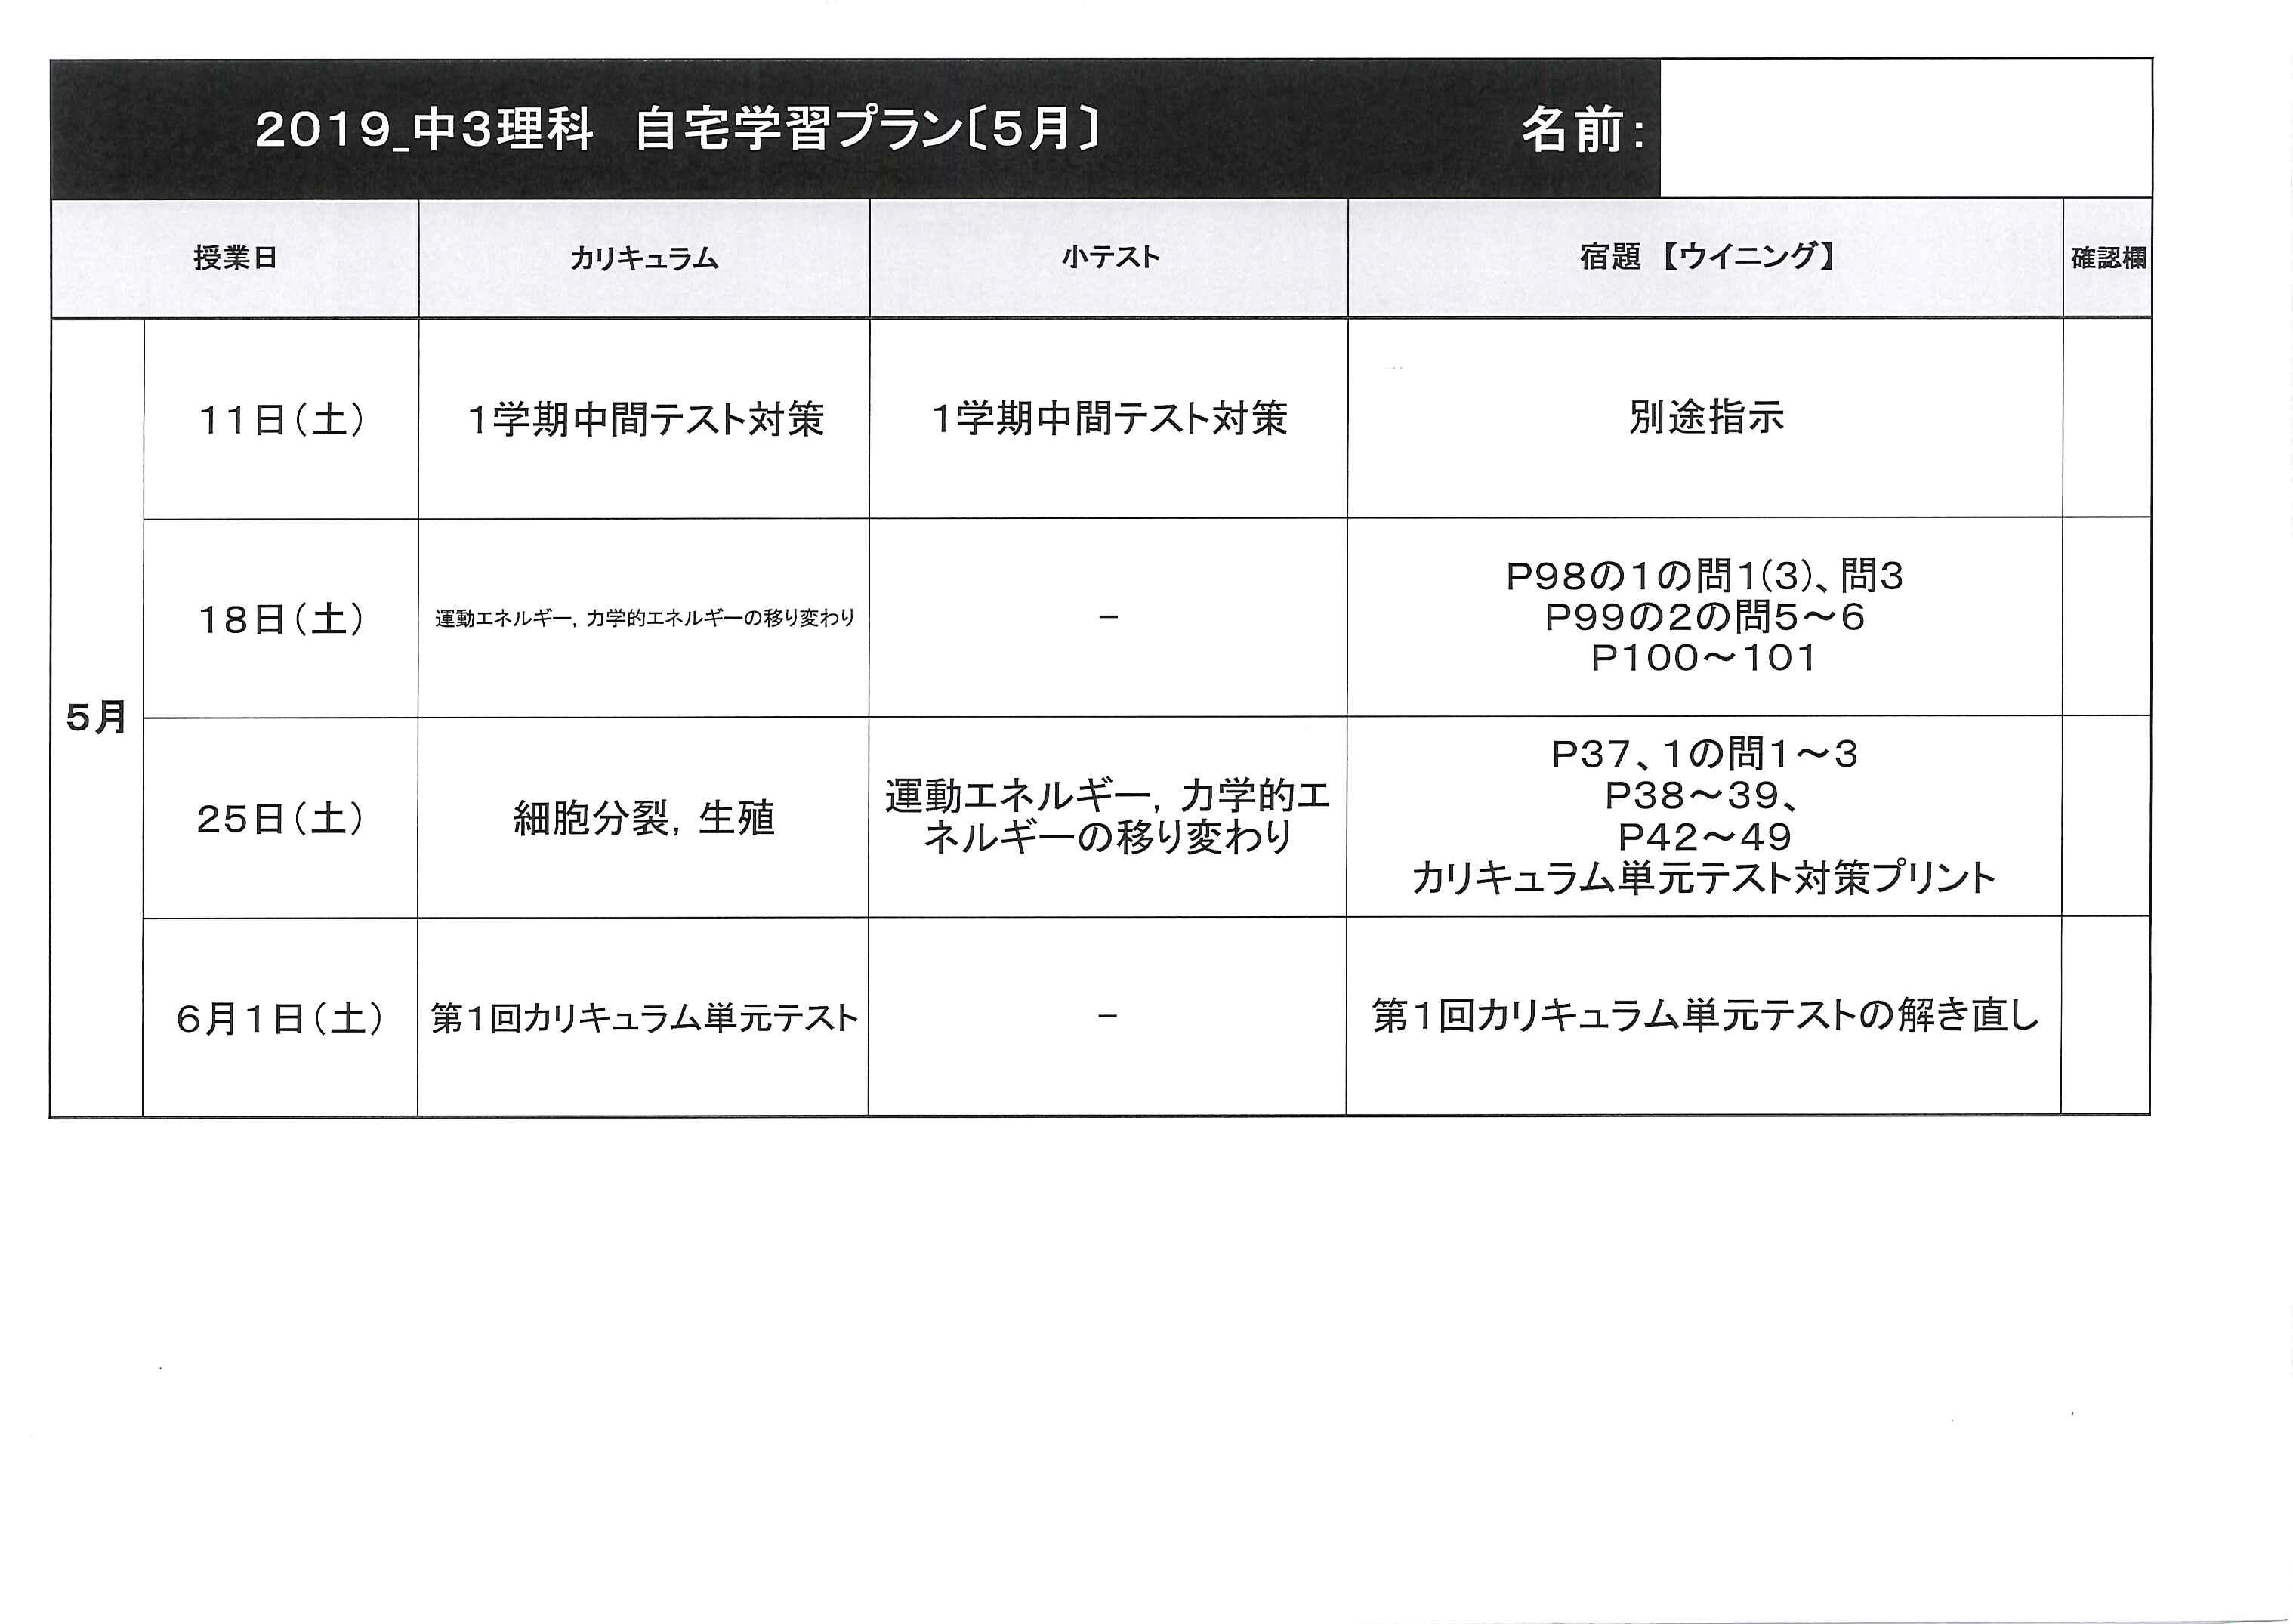 2019年5月中学生宿題小テスト表【HP用⑪】.png